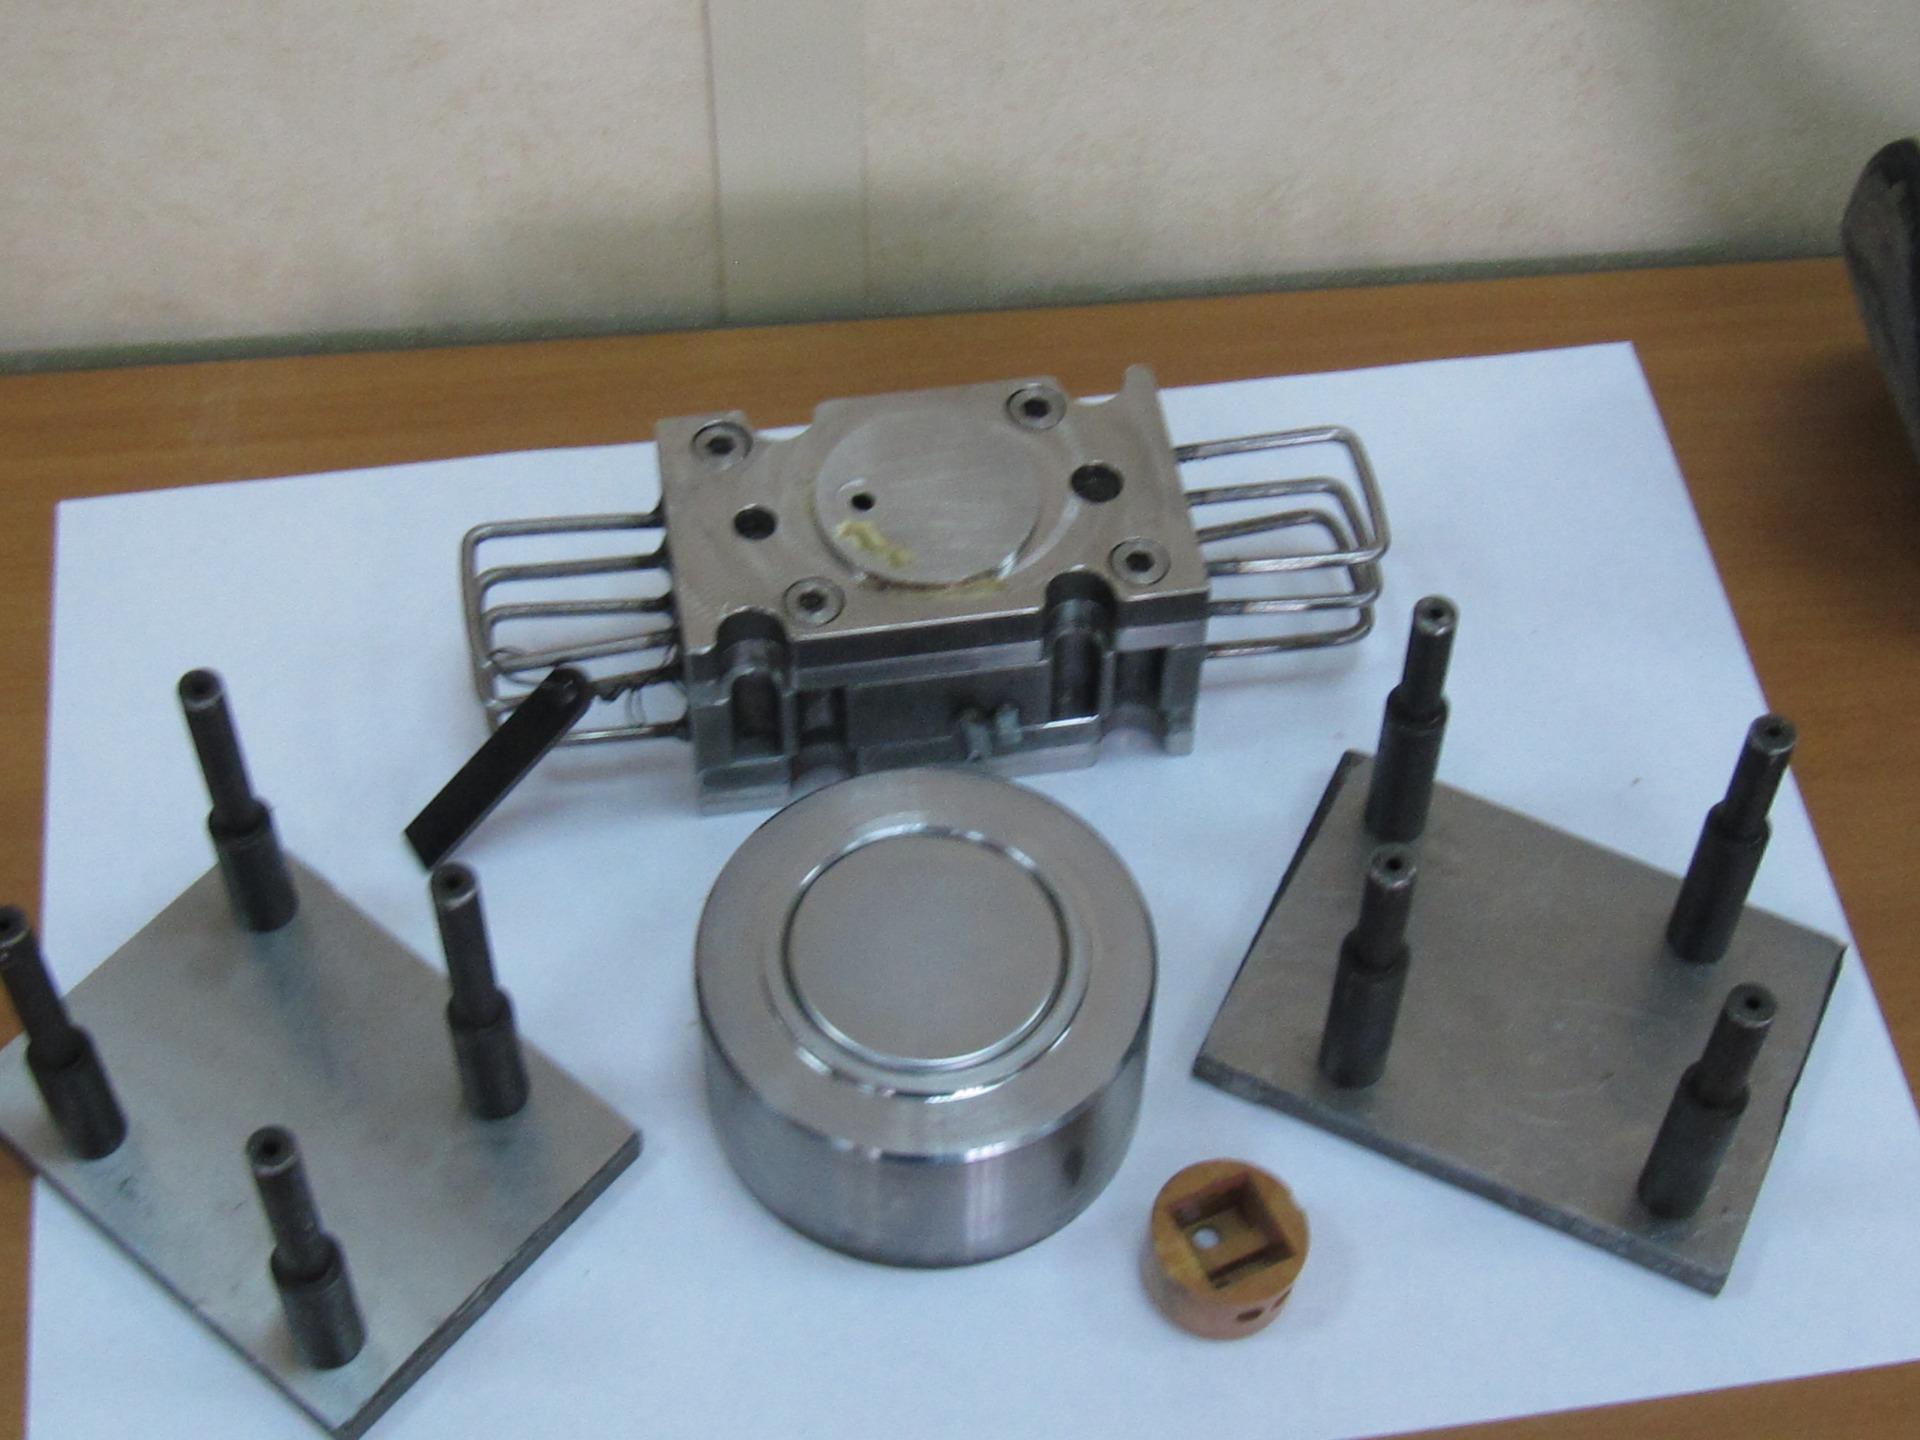 Прессформа, пресс-форма, изготовить прессформу, изготовлена пресс-форма, заказать прессформу, купить пресс-форму, прессформа АГ-4, ДСВ-2.0